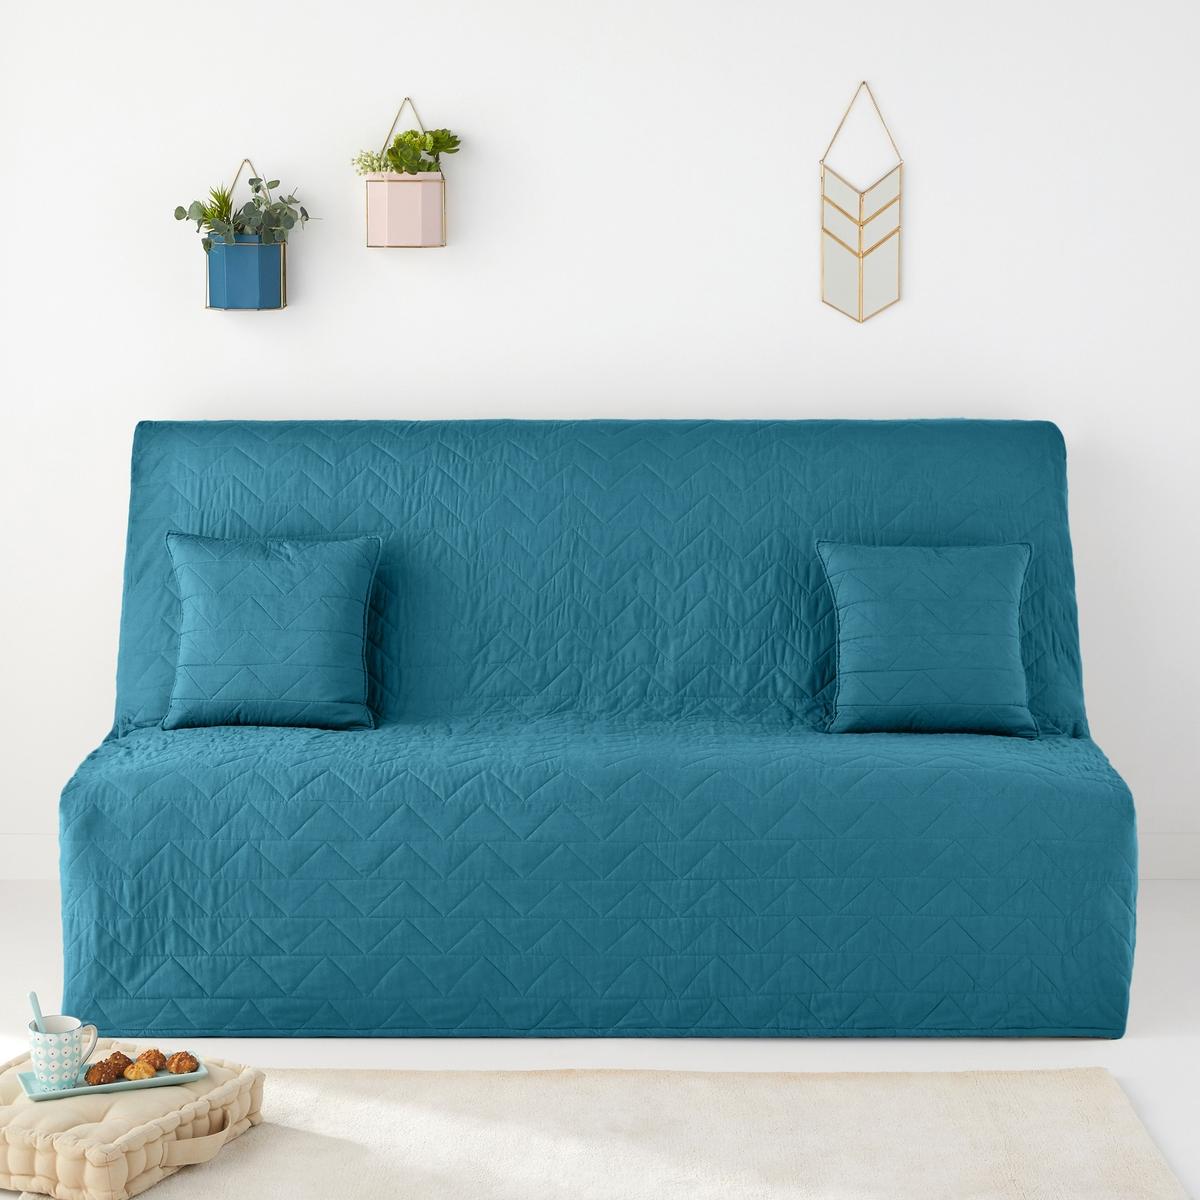 Чехол La Redoute Стеганый для раскладного дивана ZIGZAG SCENARIO единый размер синий чехол la redoute эластичный для кресла и дивана ahmis 3 местн белый